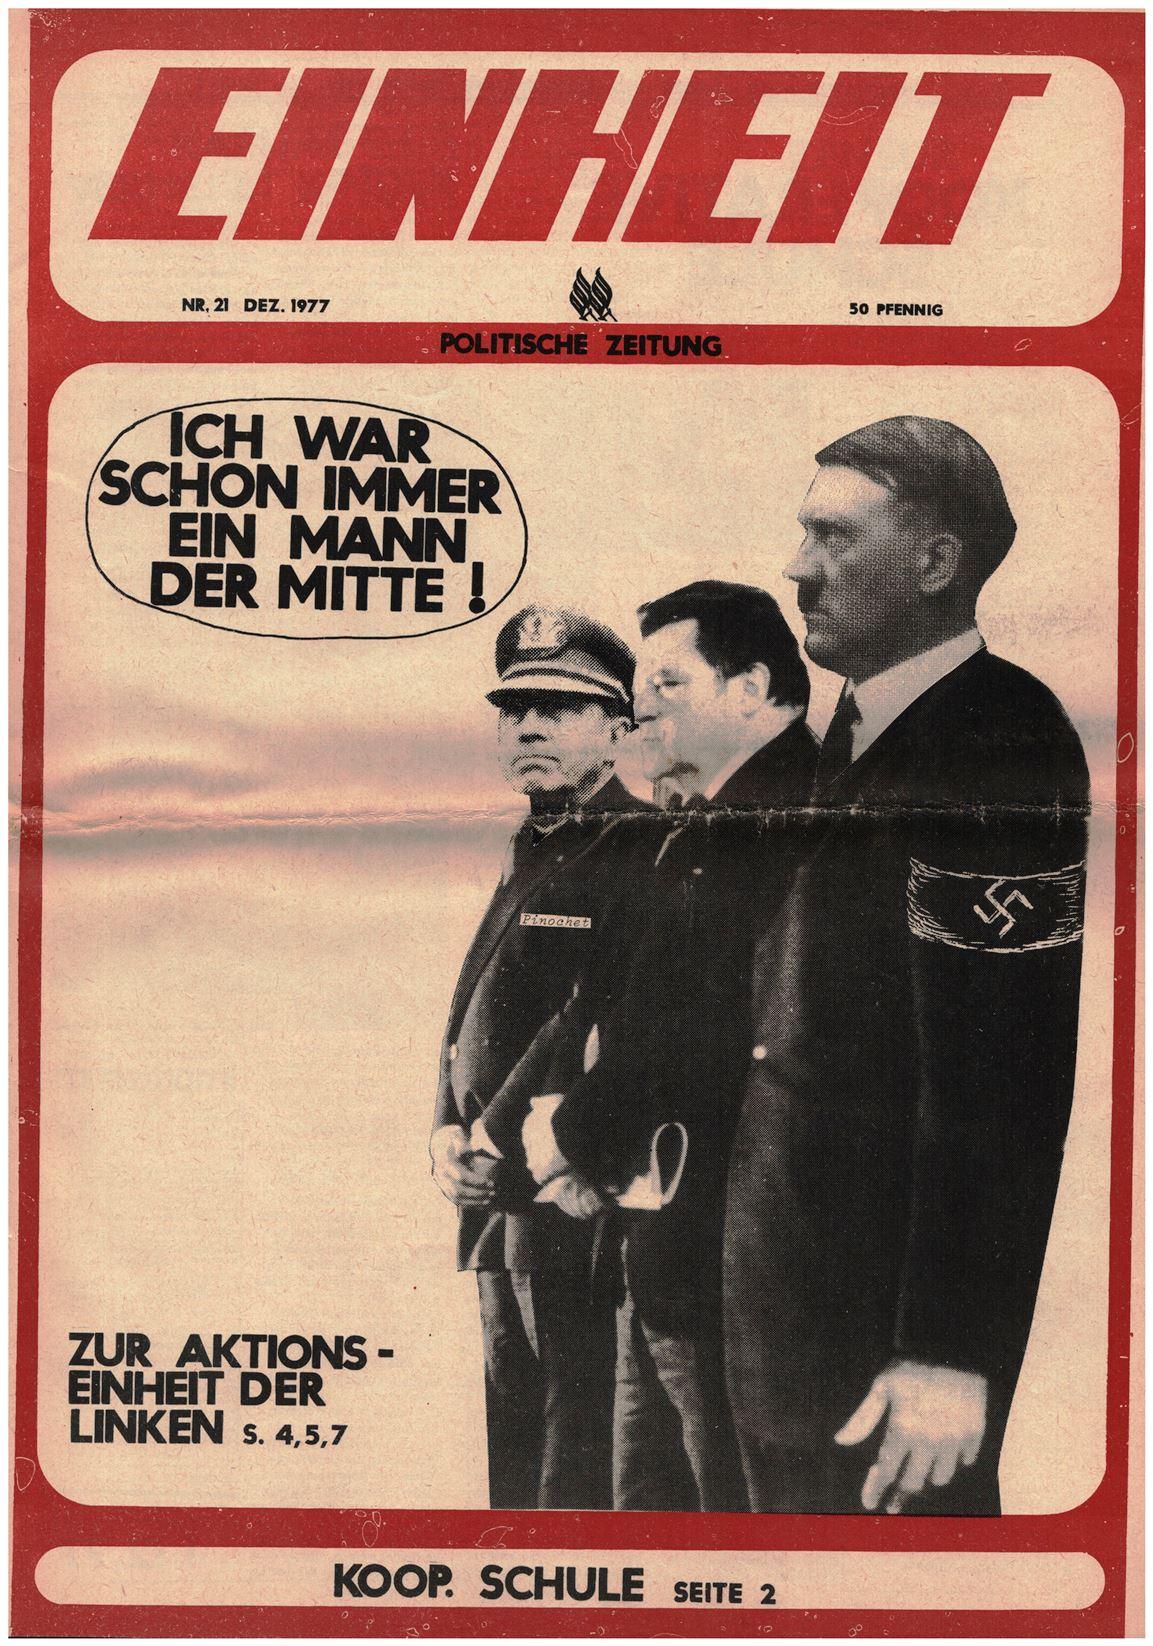 Koeln_IPdA_Einheit_1977_021_001